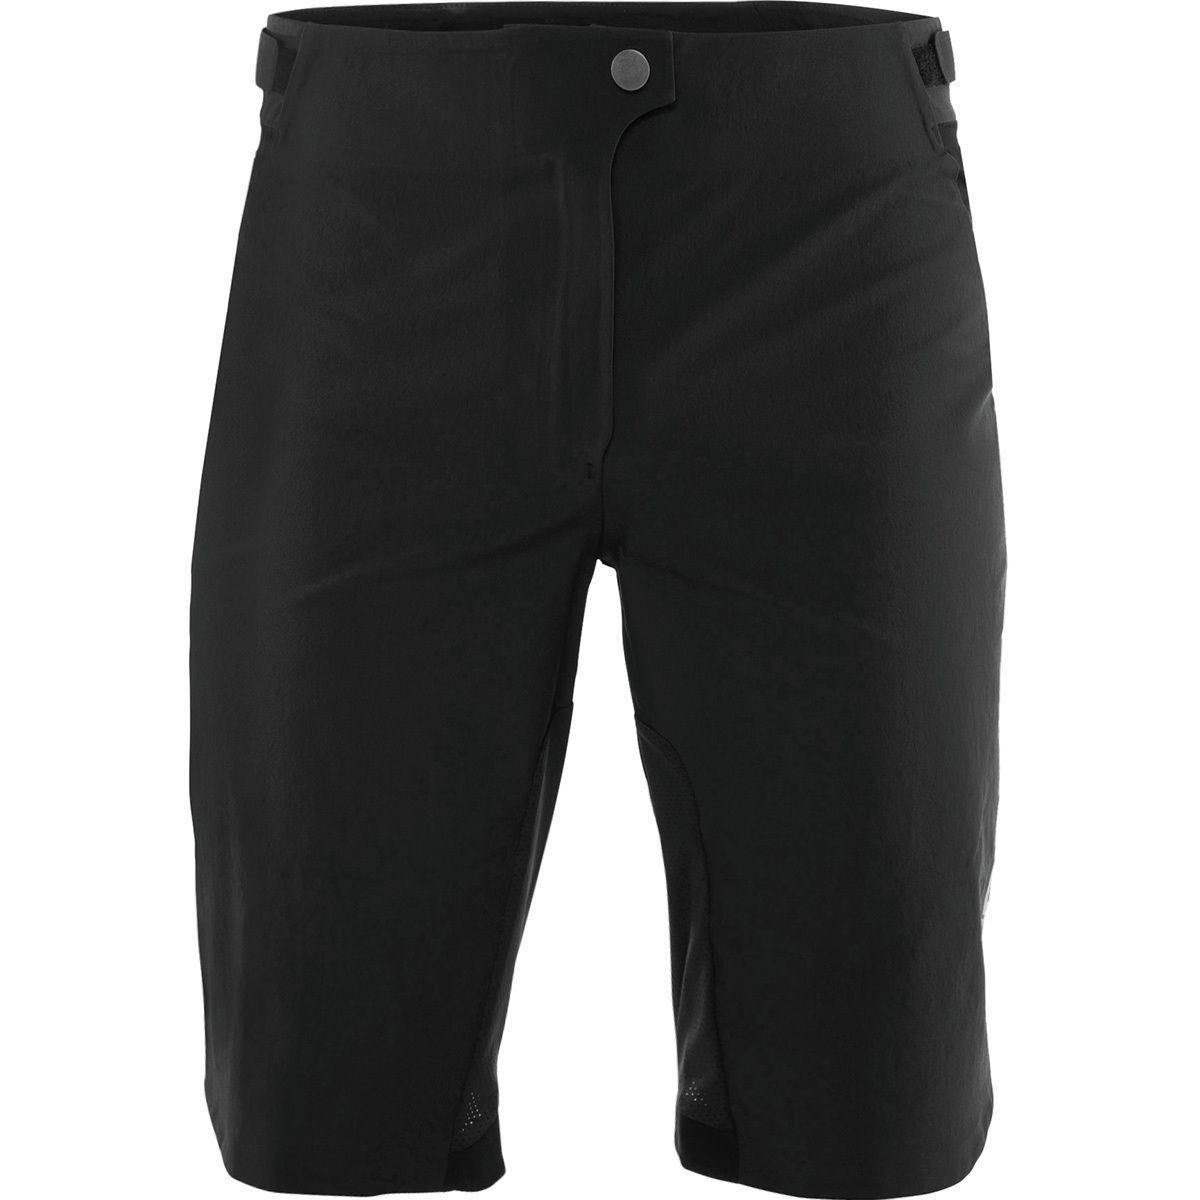 POC Resistance Pro XC Short - Men's